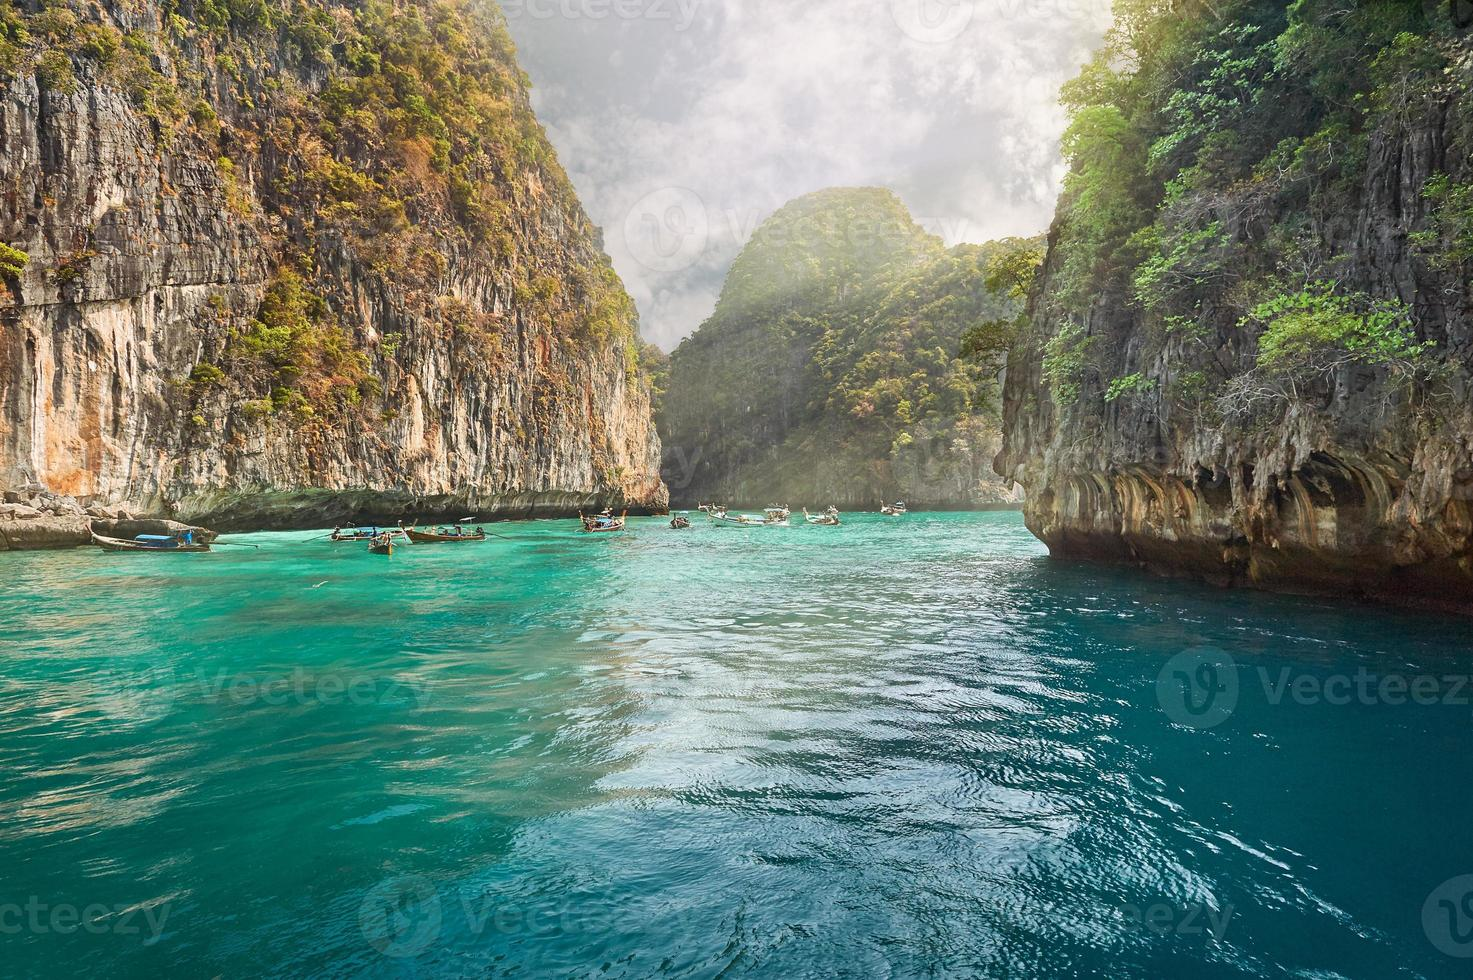 phi-phi ö, Krabi provinsen, Thailand. foto